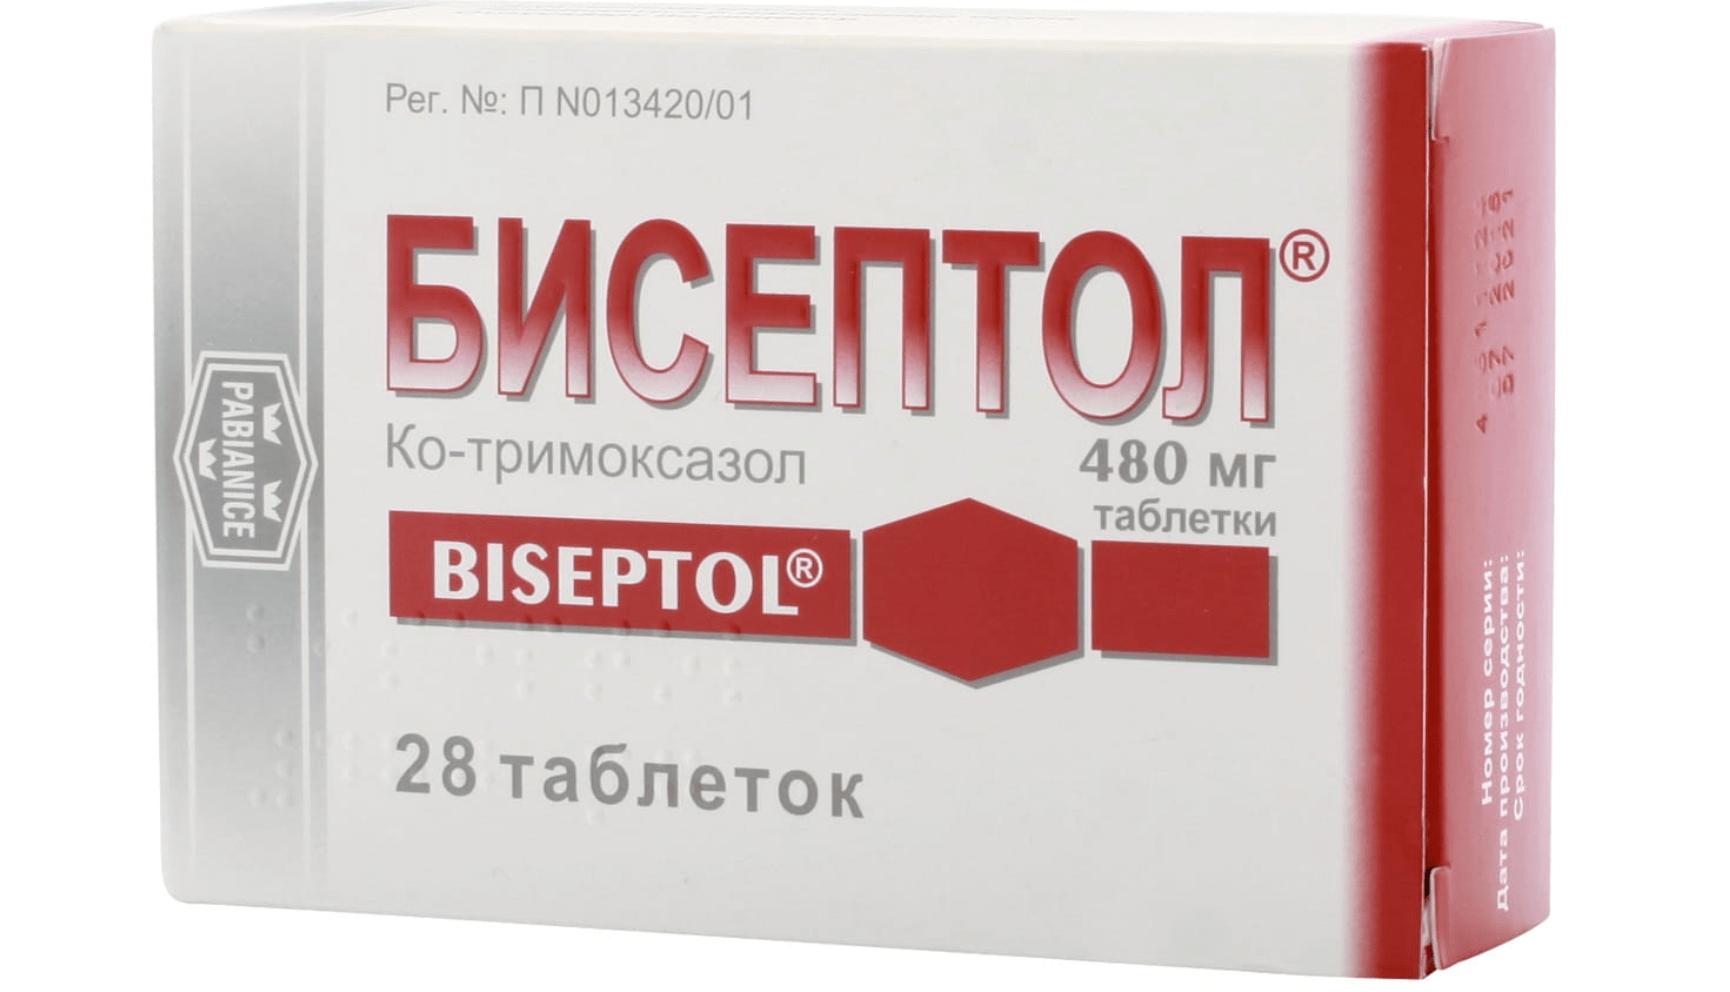 Бисептол Ко-тримоксазол